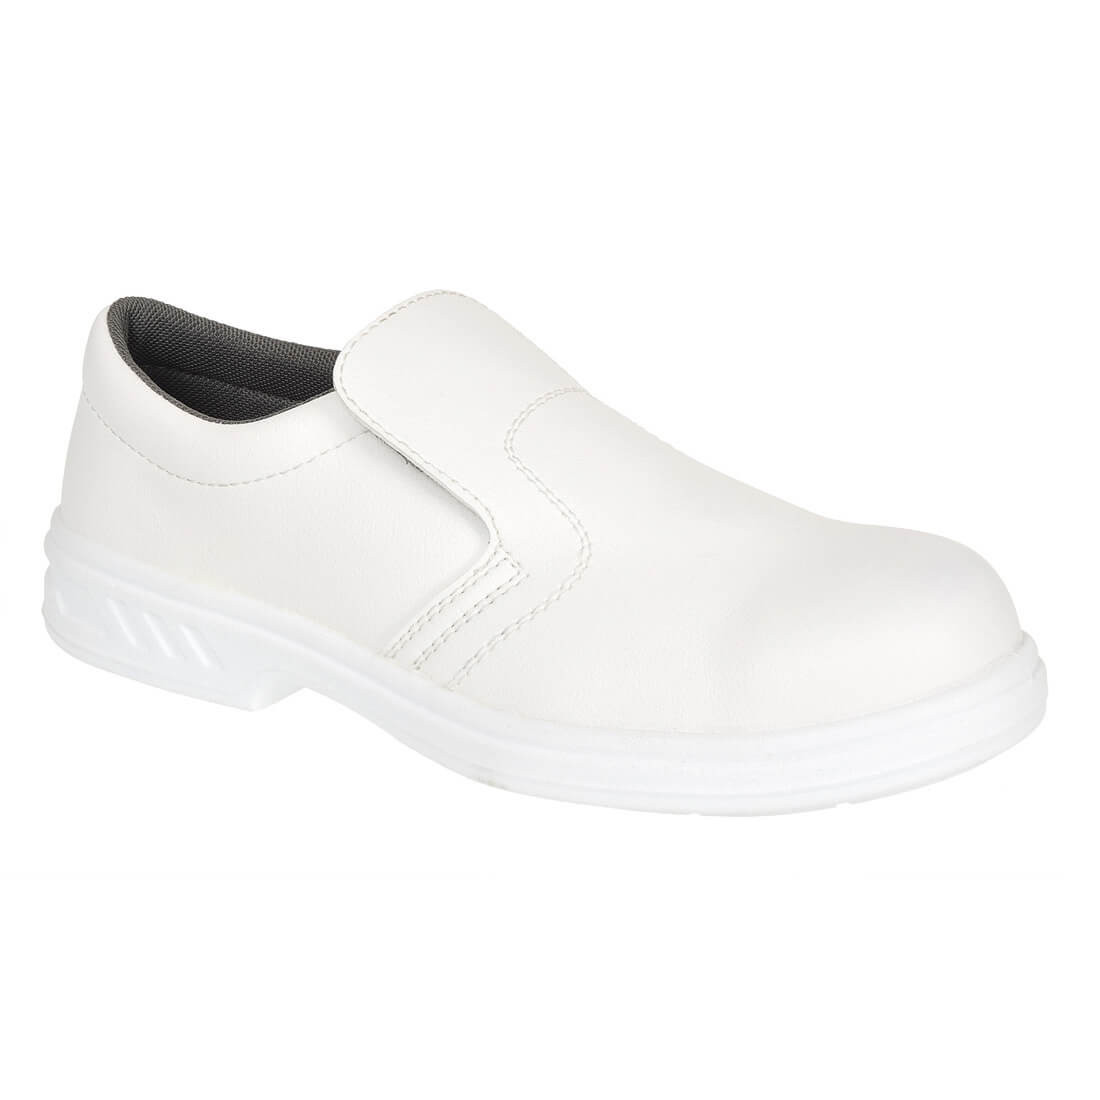 Pantof de Protectie S2 Steelite™ Slip On - Incaltaminte de protectie